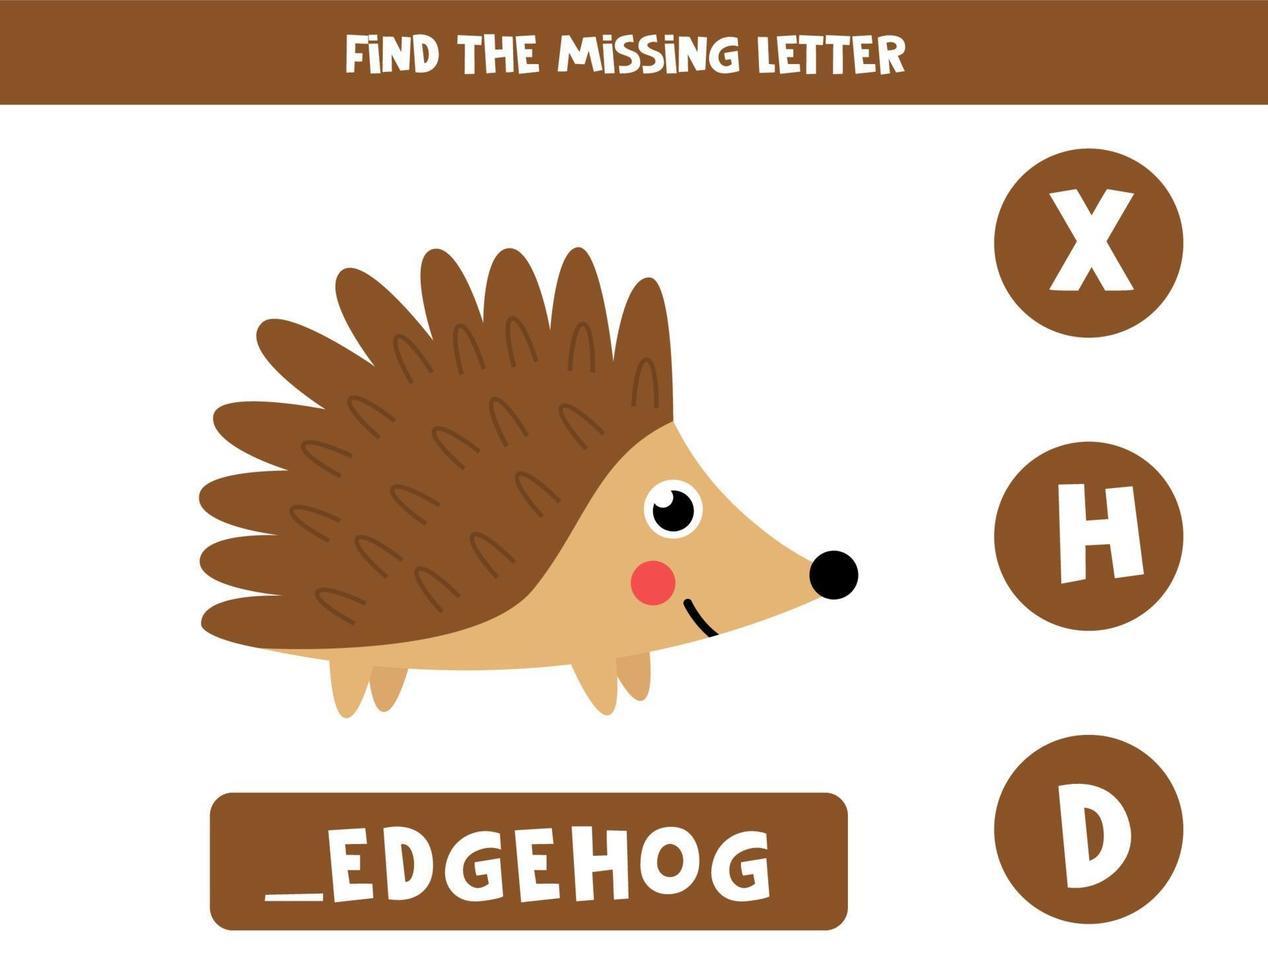 hitta saknat brev och skriv ner det. söt tecknad igelkott. vektor